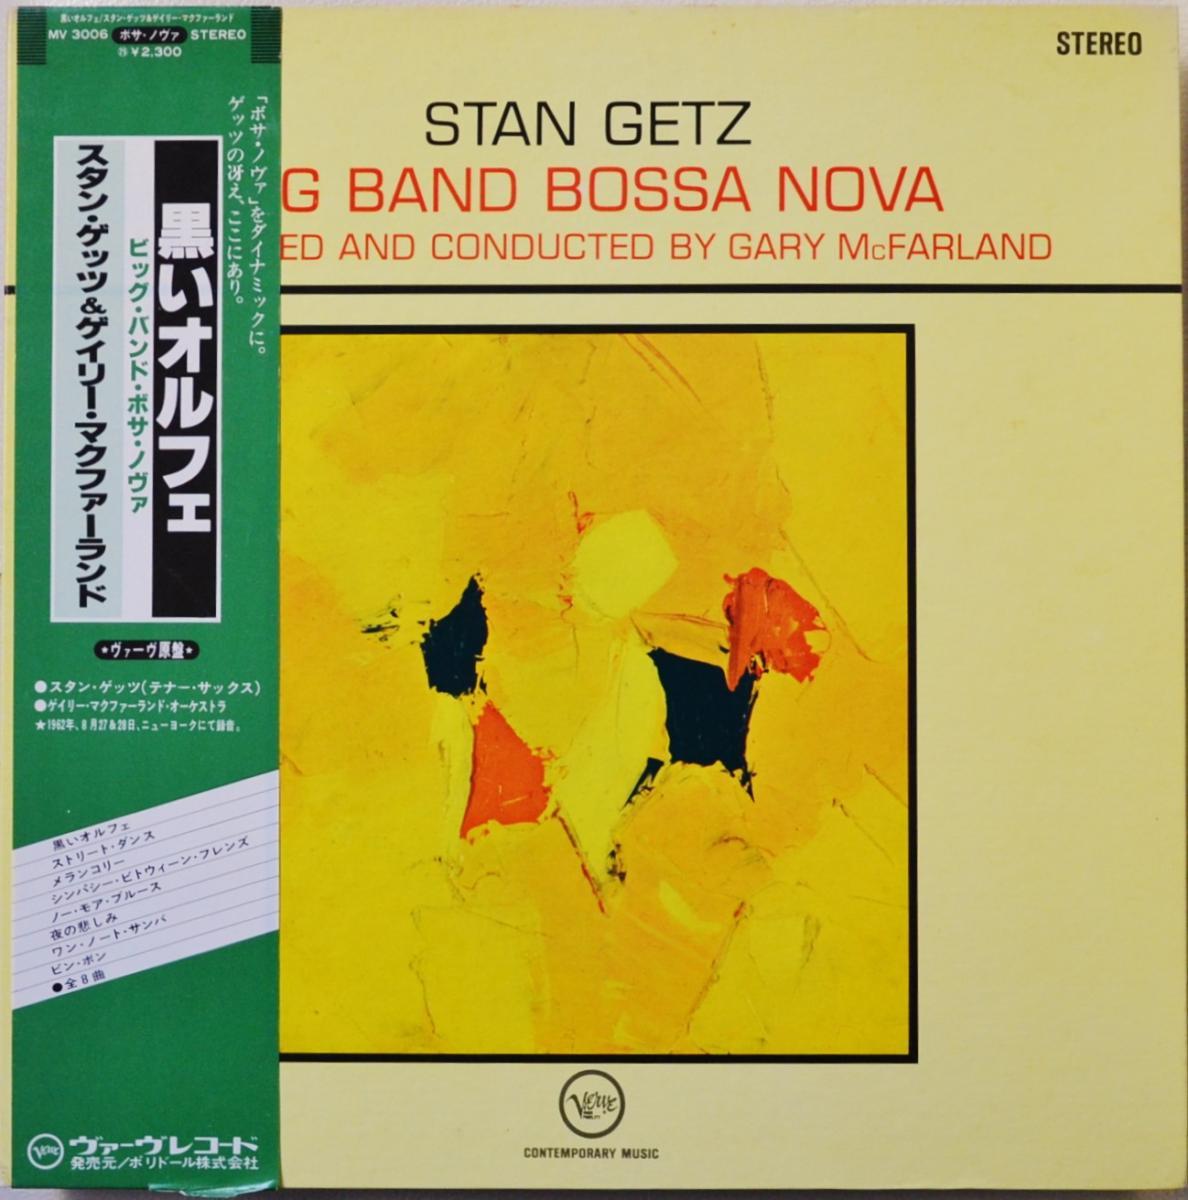 スタン・ゲッツ & ゲイリー・マクファーランド STAN GETZ / 黒いオルフェ ビッグ・バンド・ボサ・ノヴァ BIG BAND BOSSA NOVA (LP)